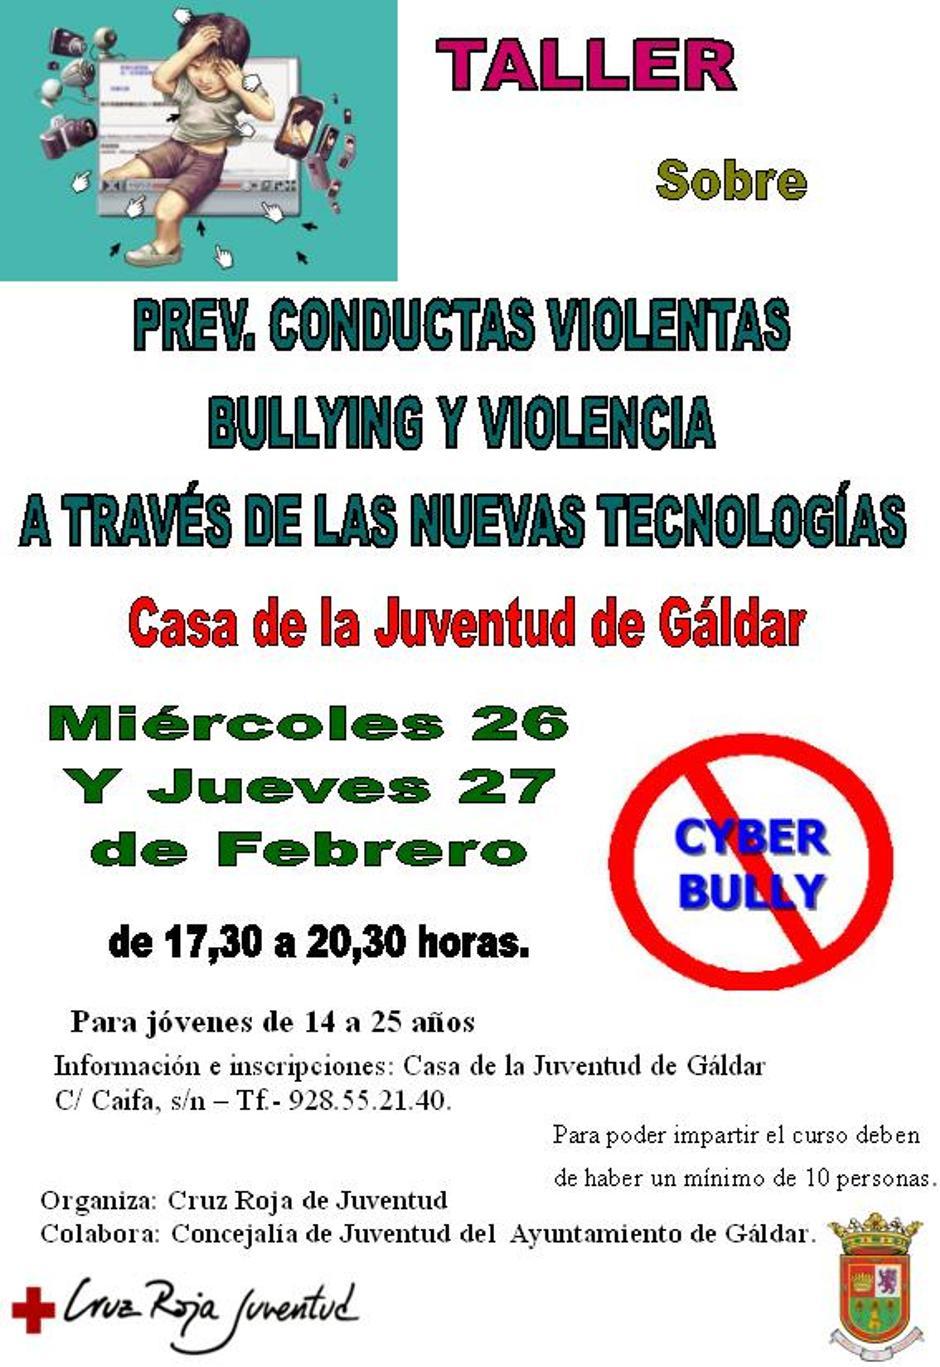 Prevención de conductas violentas.